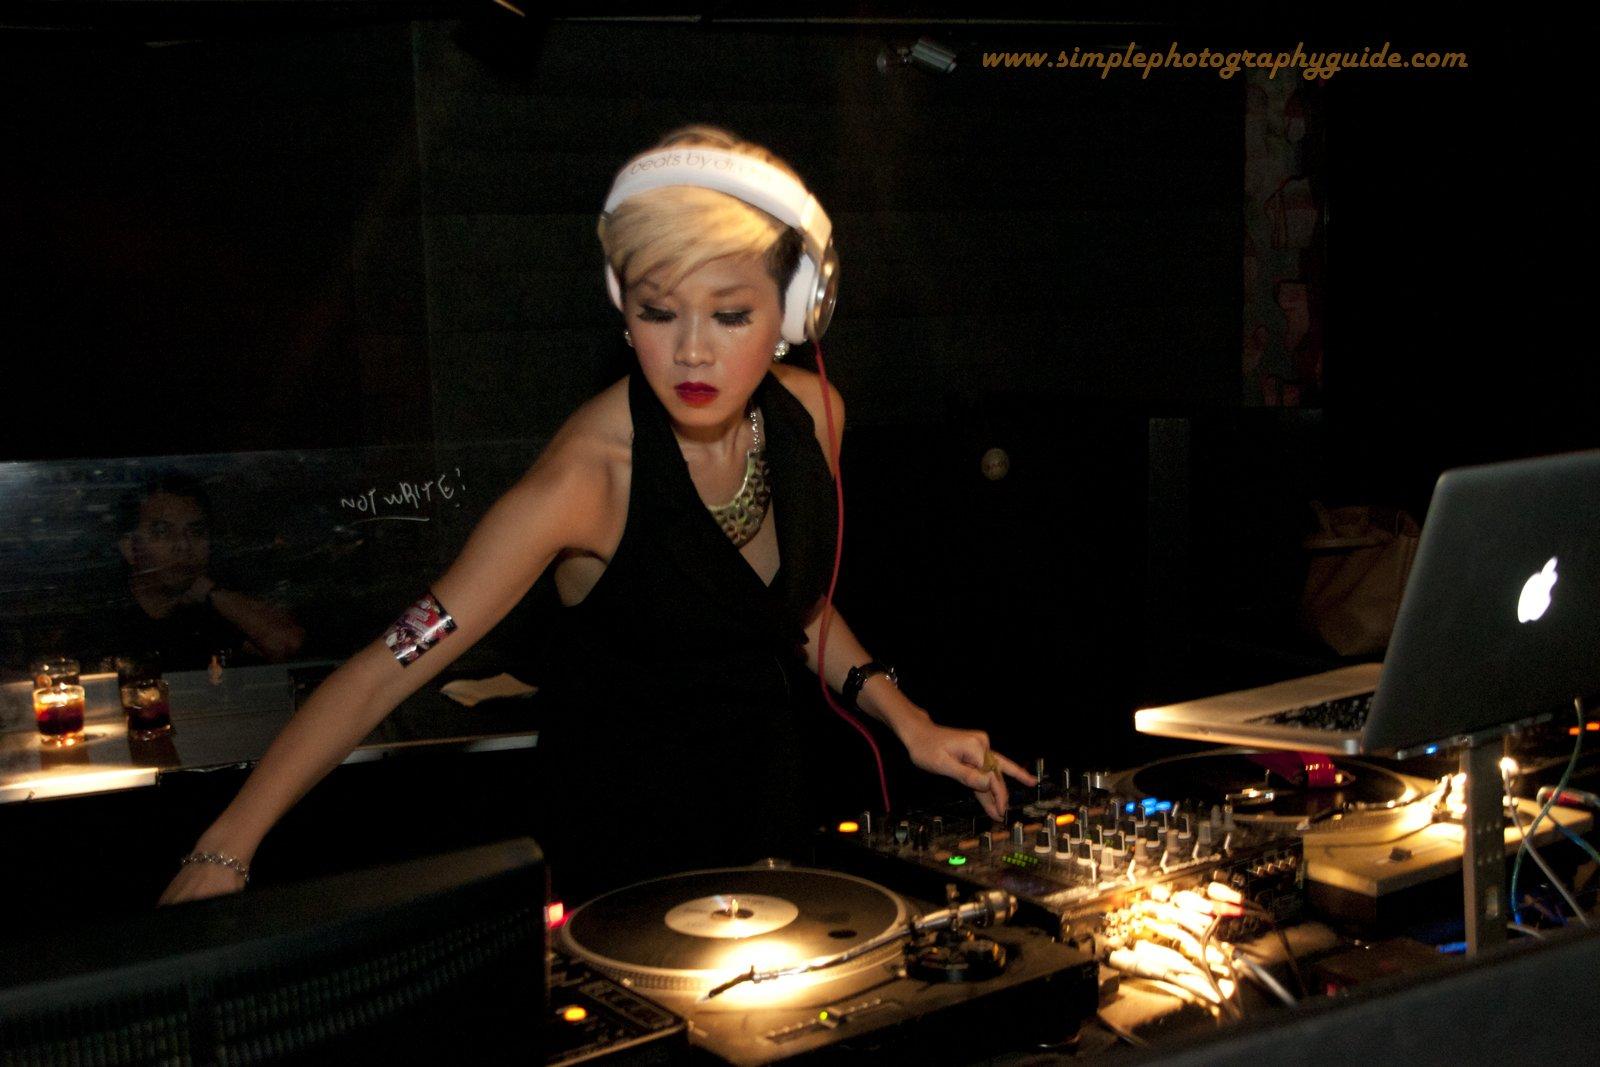 Recherche dj femme orientale